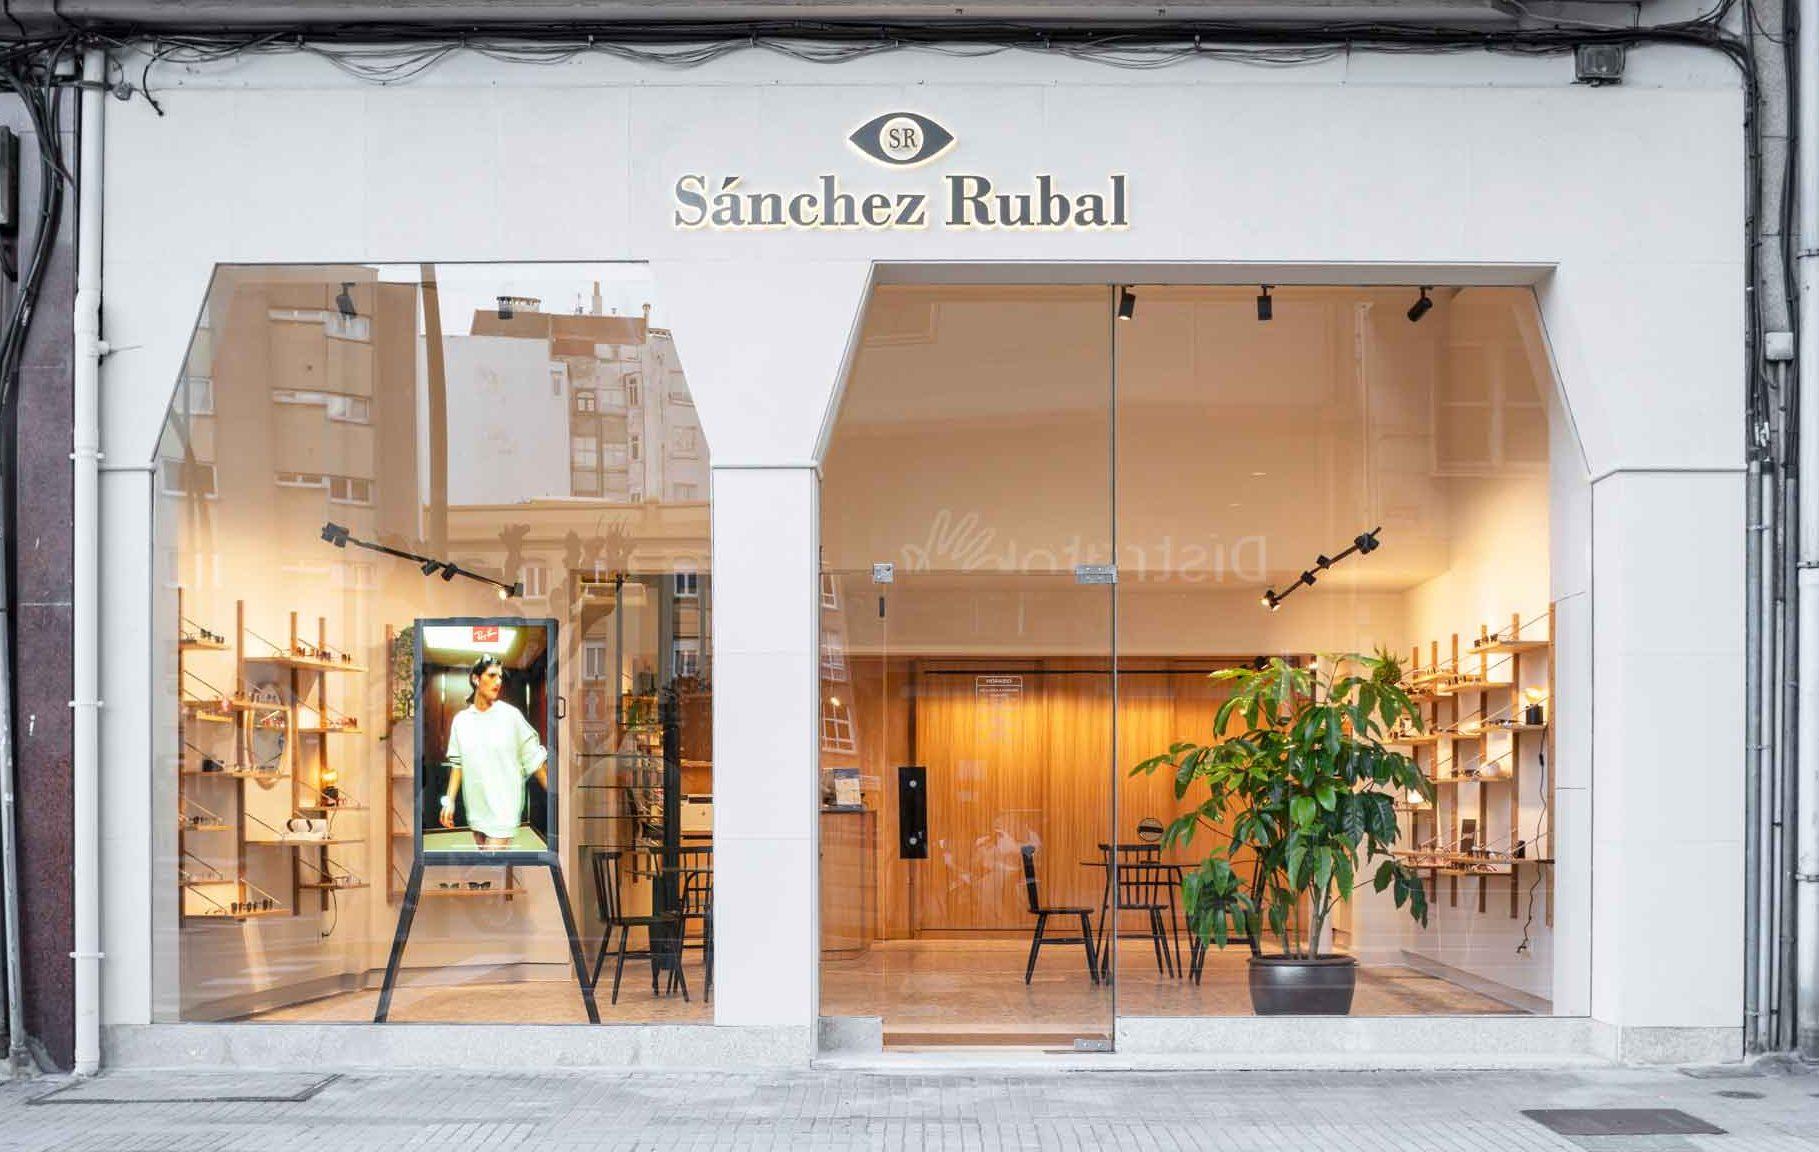 foto fachada óptica Sánchez Rubal de día